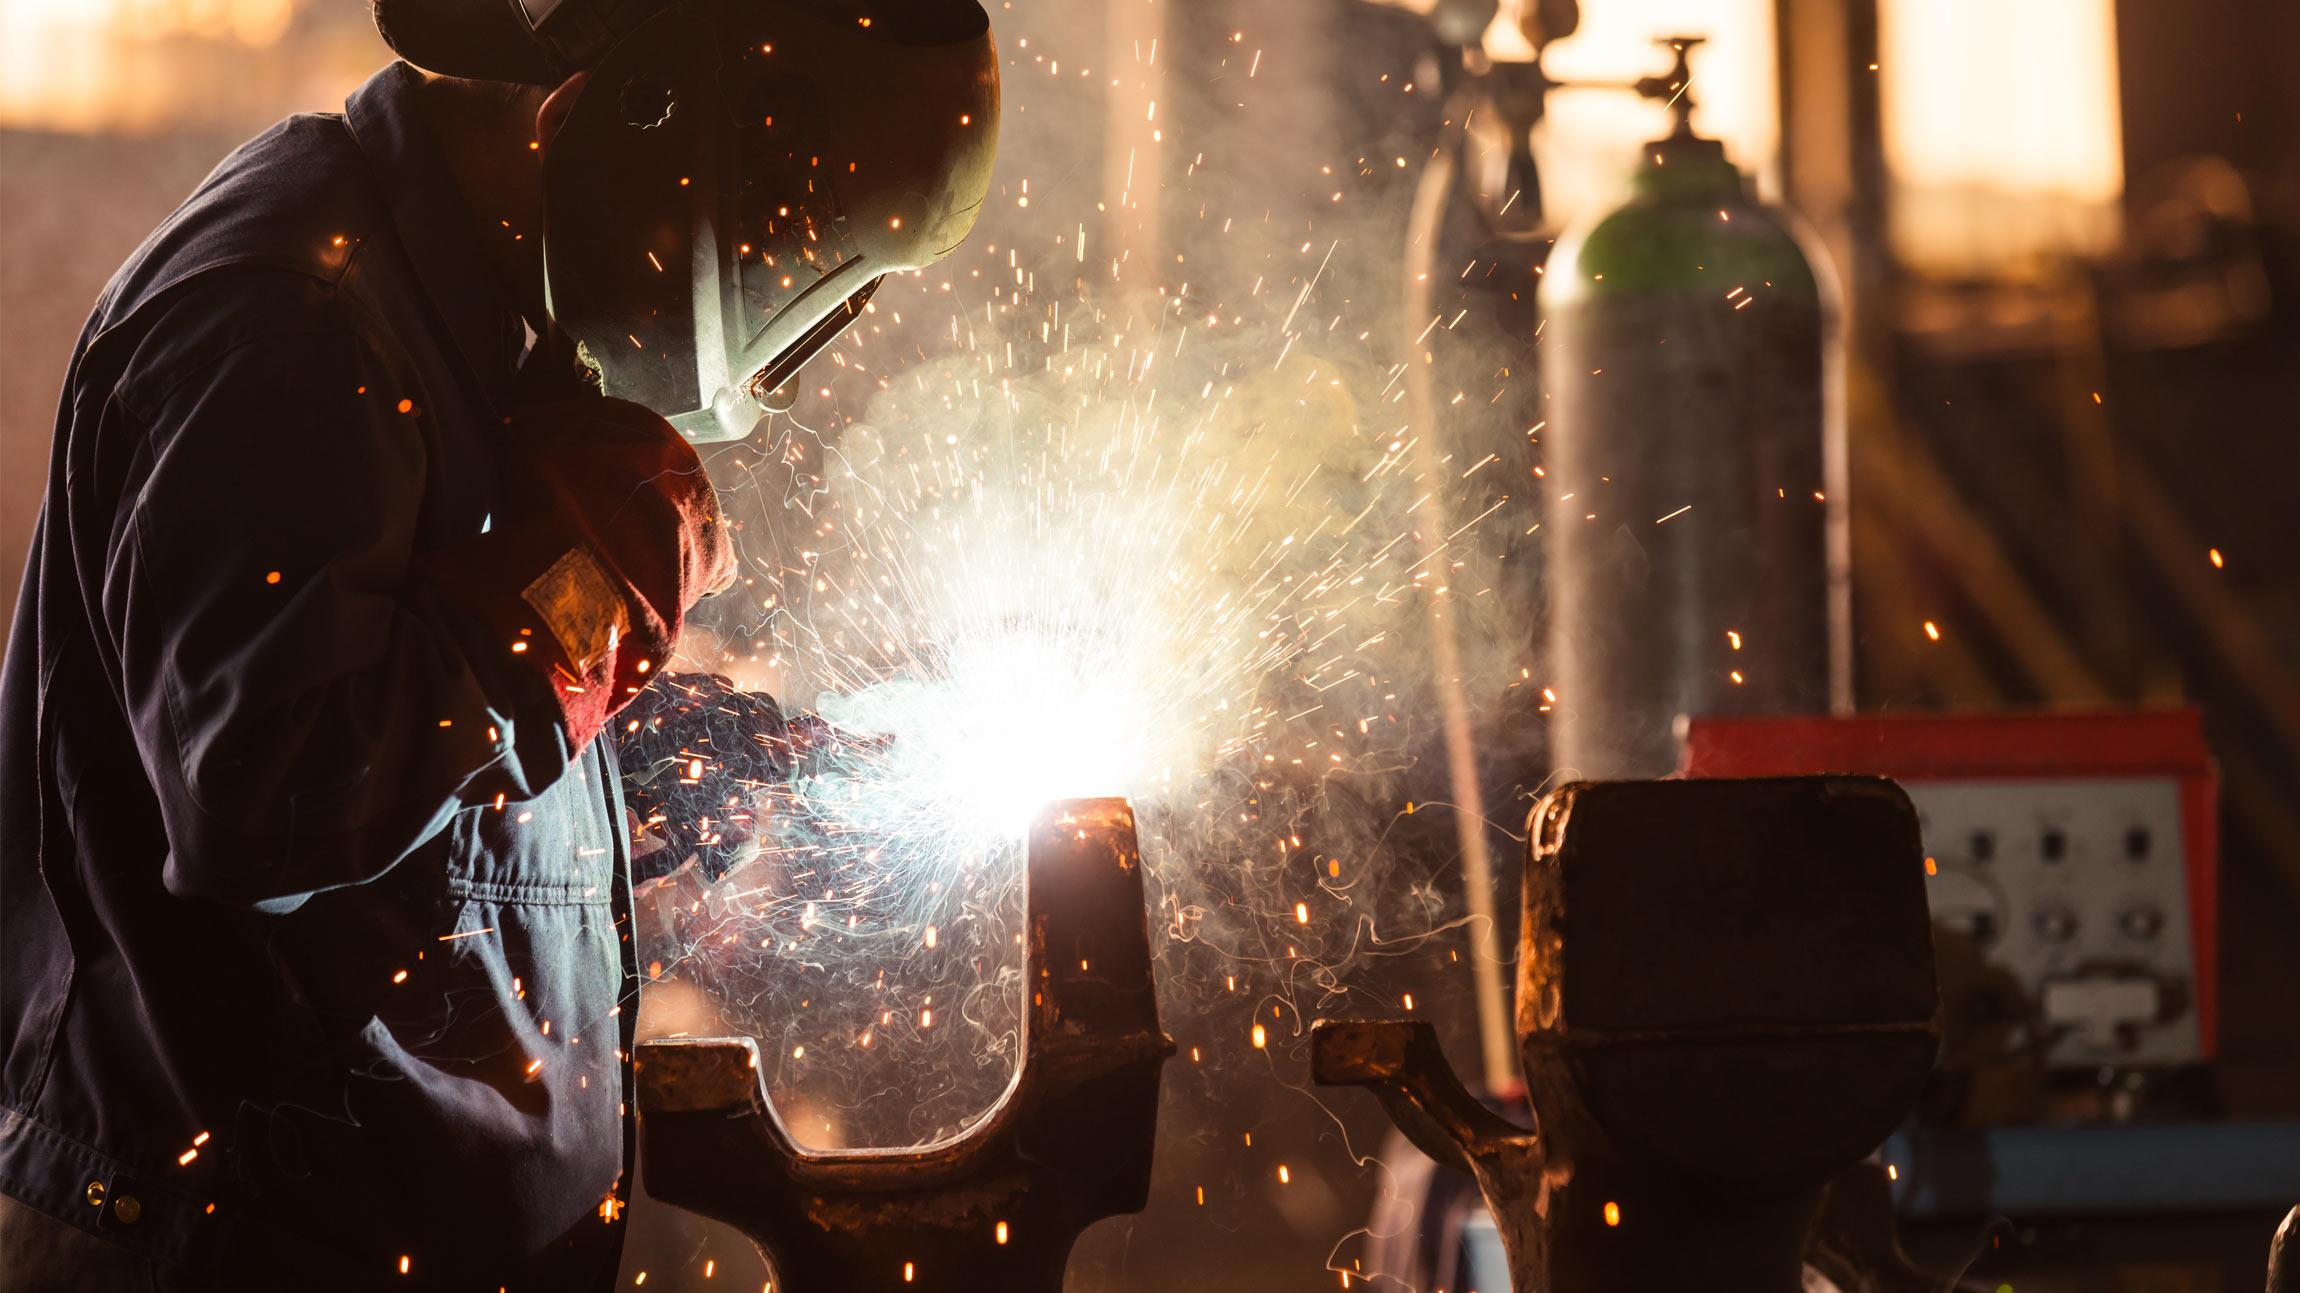 Tuotantolaitosten käyttövarmuuden parantamista ja kunnossapidon tehostamista